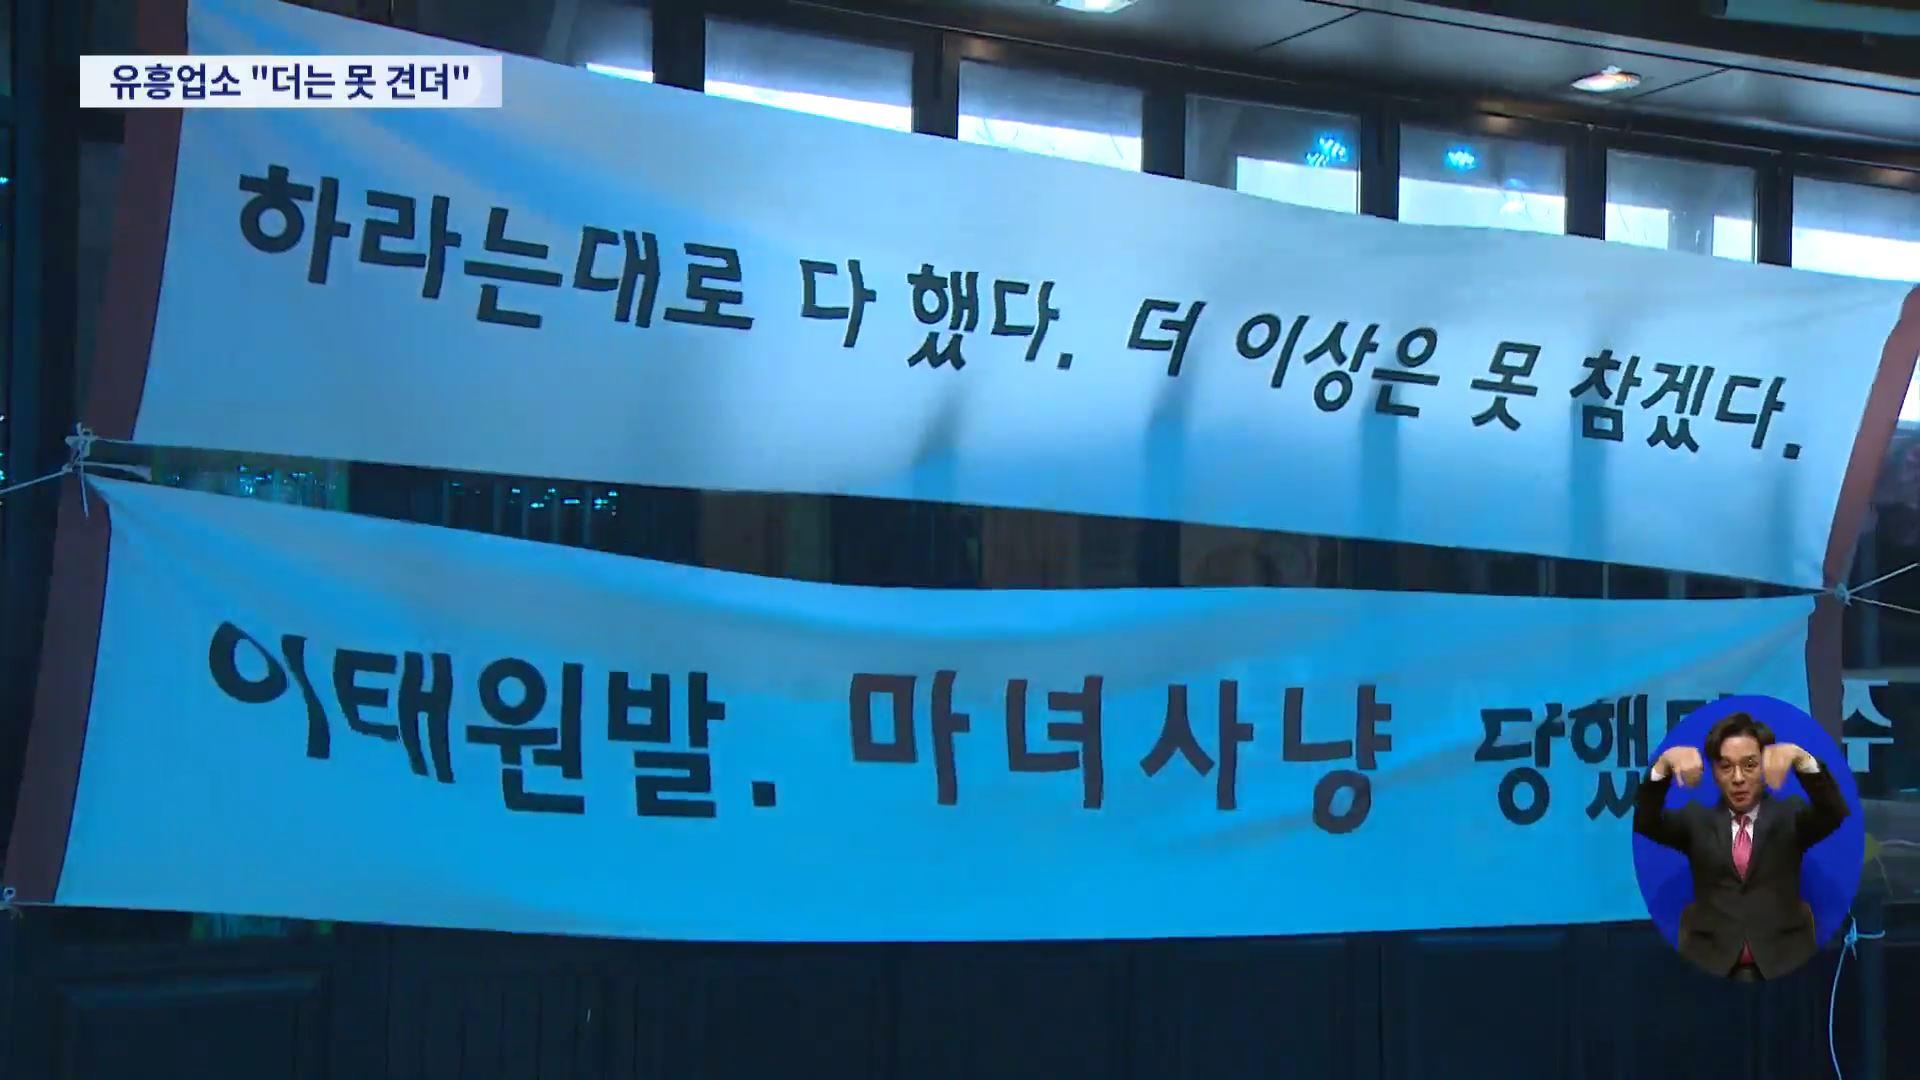 '더는 못 버틴다'…이태원·광주 등 유흥업소 '점등시위'